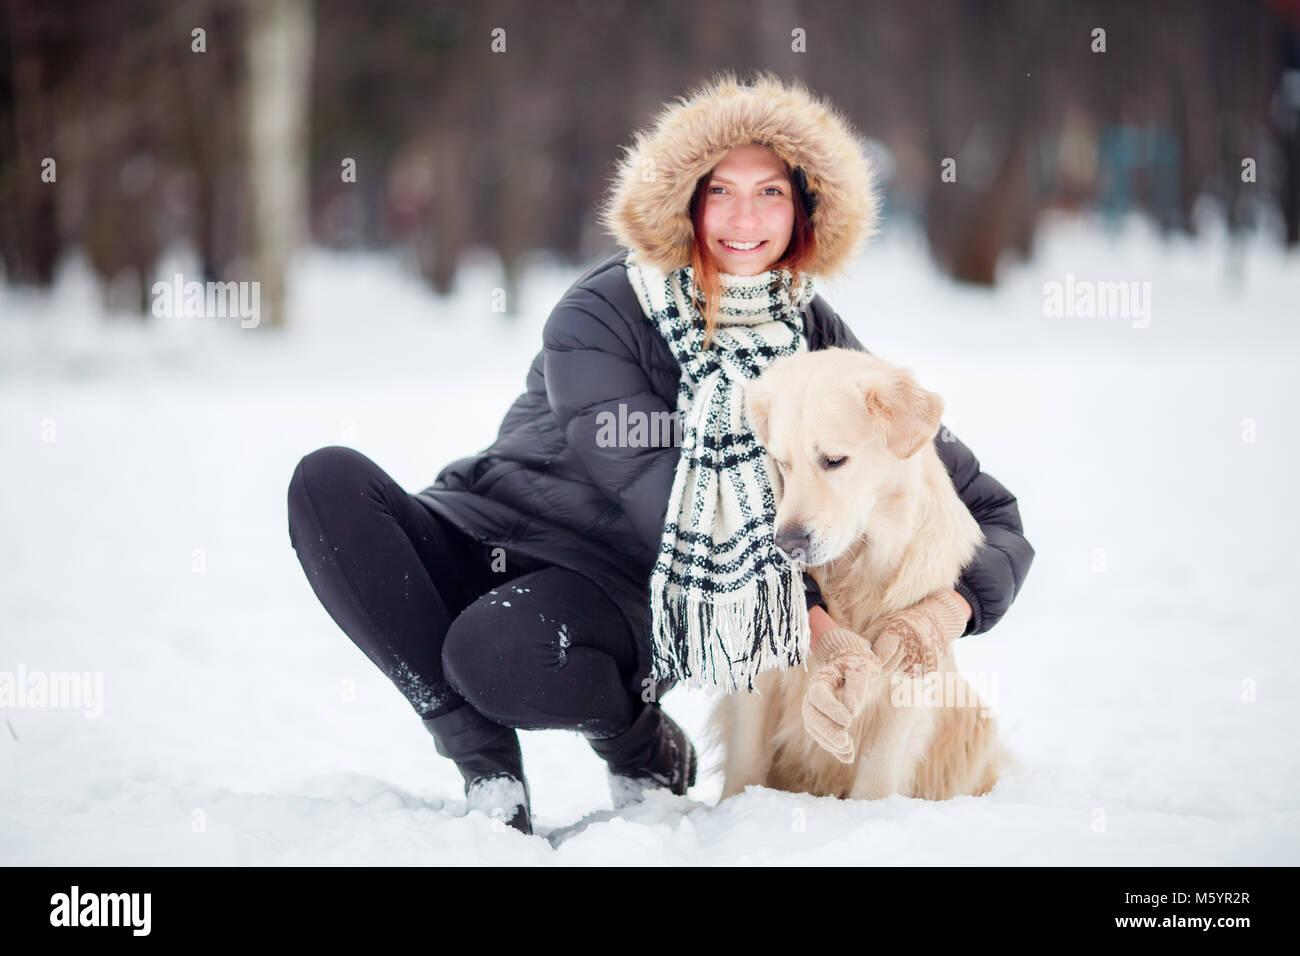 Bild von Mädchen in schwarzen Jacke hocken neben Hund im Winter Stockbild